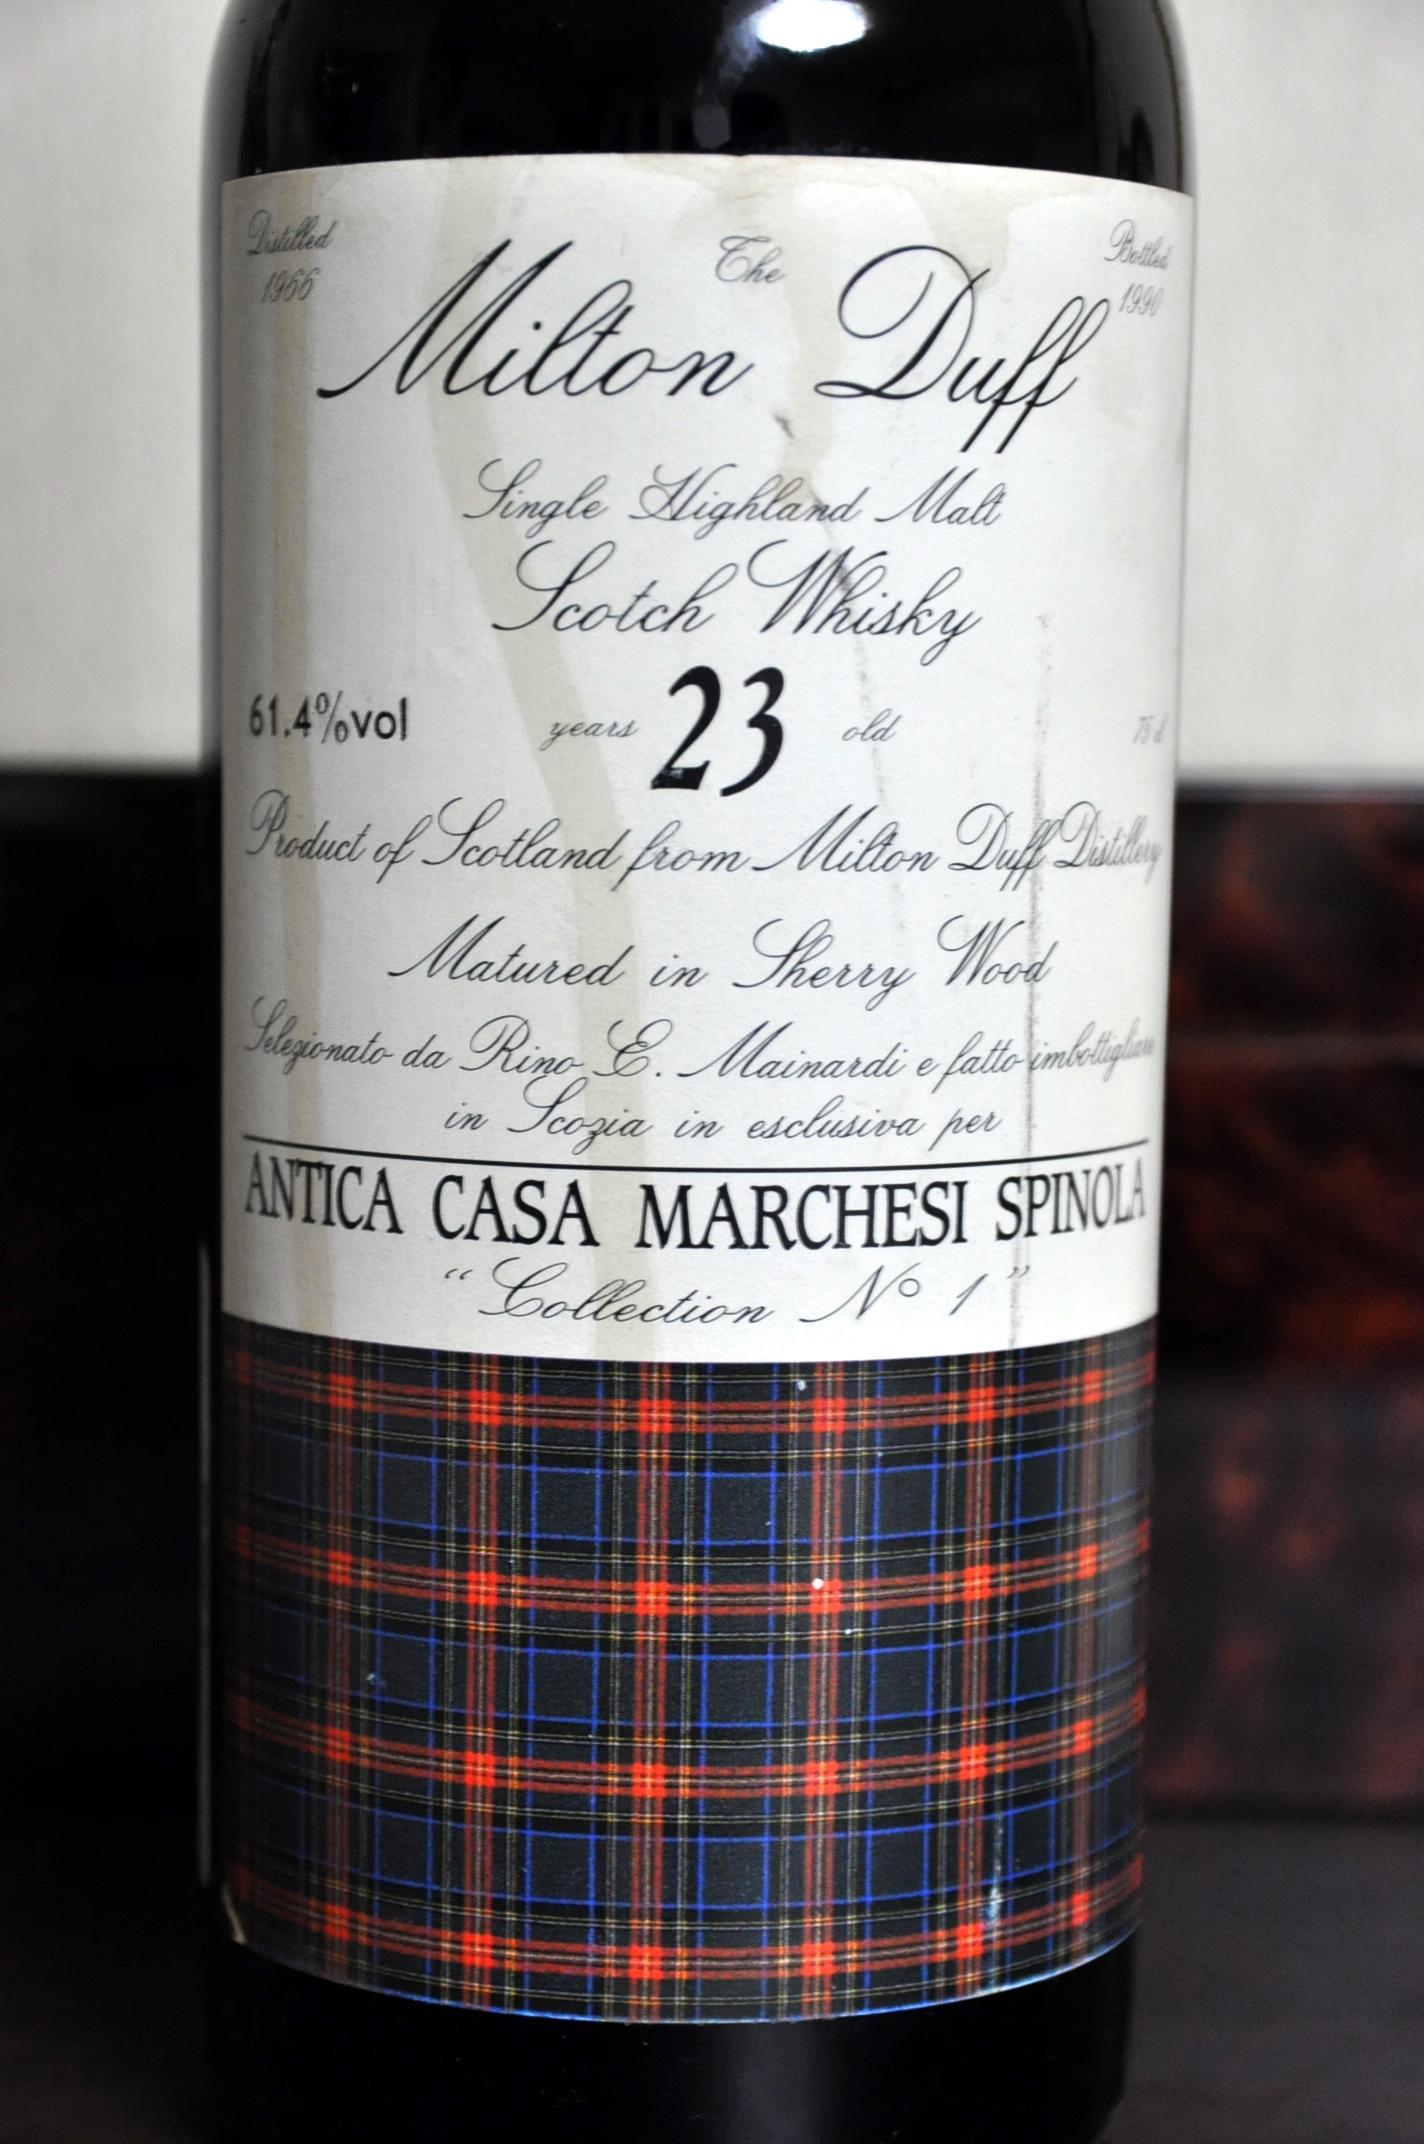 ミルトンダフ Miltonduff 23yo 1966/1990 (61.4%, Sestante, ANTICA CASA MARCHESI SPINOLA selection no.1, Sherry, 75cl) Btl no.339